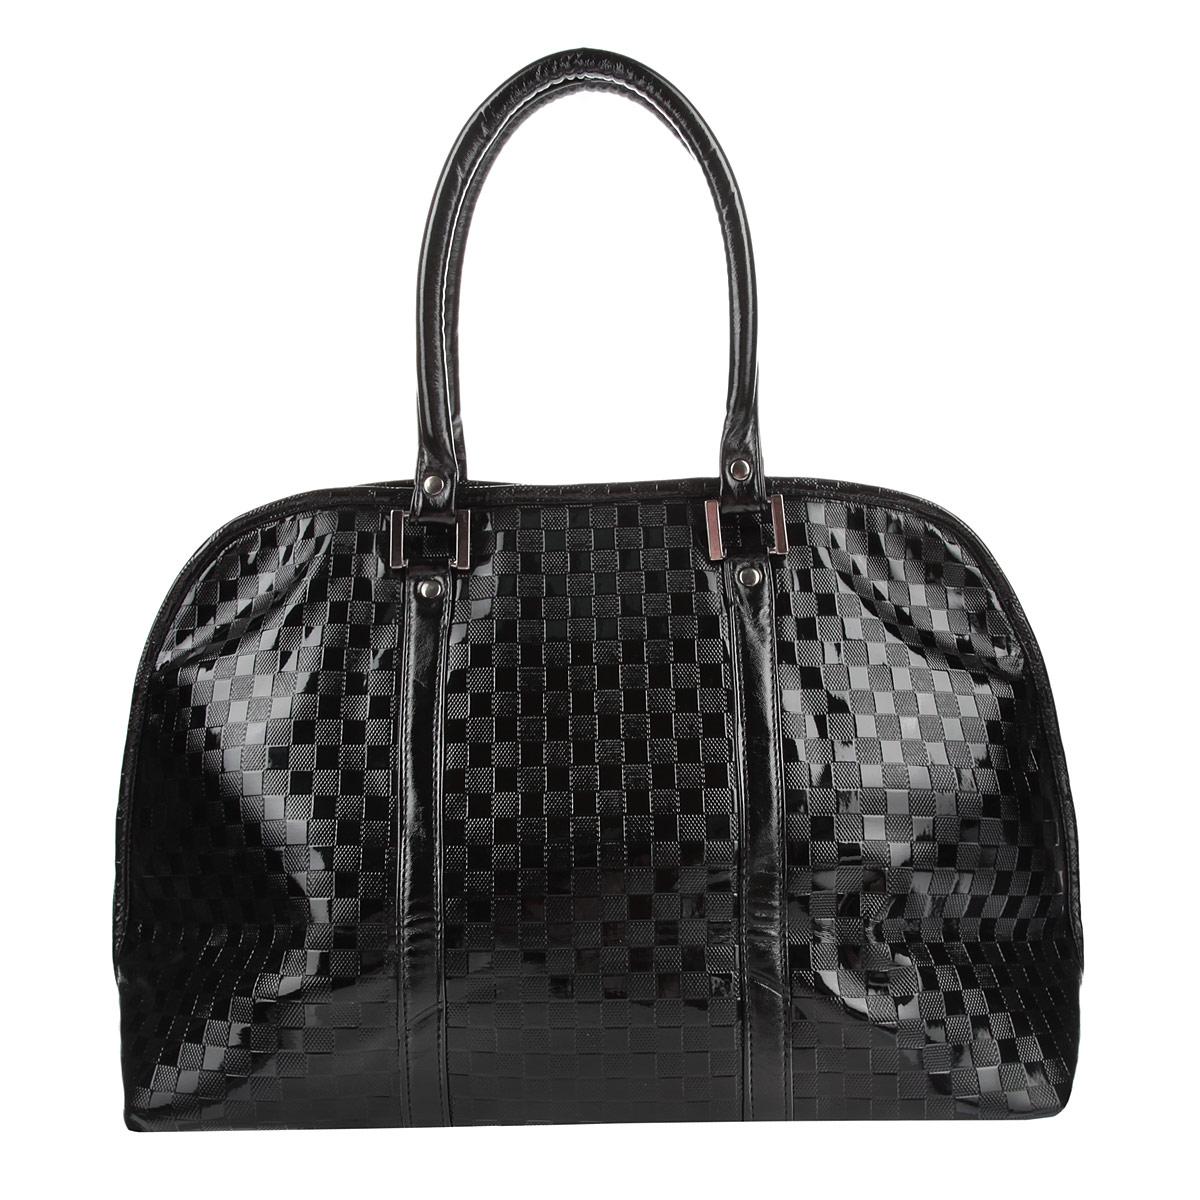 Сумка женская Antan Клеточки, цвет: черный. 3-49 В3-49 В клеточки лак/черныйЭлегантная сумка от бренда Antan выполнена из искусственной лакированной кожи с декоративным тиснением. Модель имеет одно главное отделение, закрывающееся на застежку-молнию с двумя бегунками. Внутри - два накладных кармана для мелочей и вшитый кармашек на молнии. С внешней стороны расположен дополнительный накладной карман. Сумка оснащена двумя удобными ручками. Сумка - это стильный аксессуар, который подчеркнет вашу изысканность и индивидуальность и сделает ваш образ завершенным.